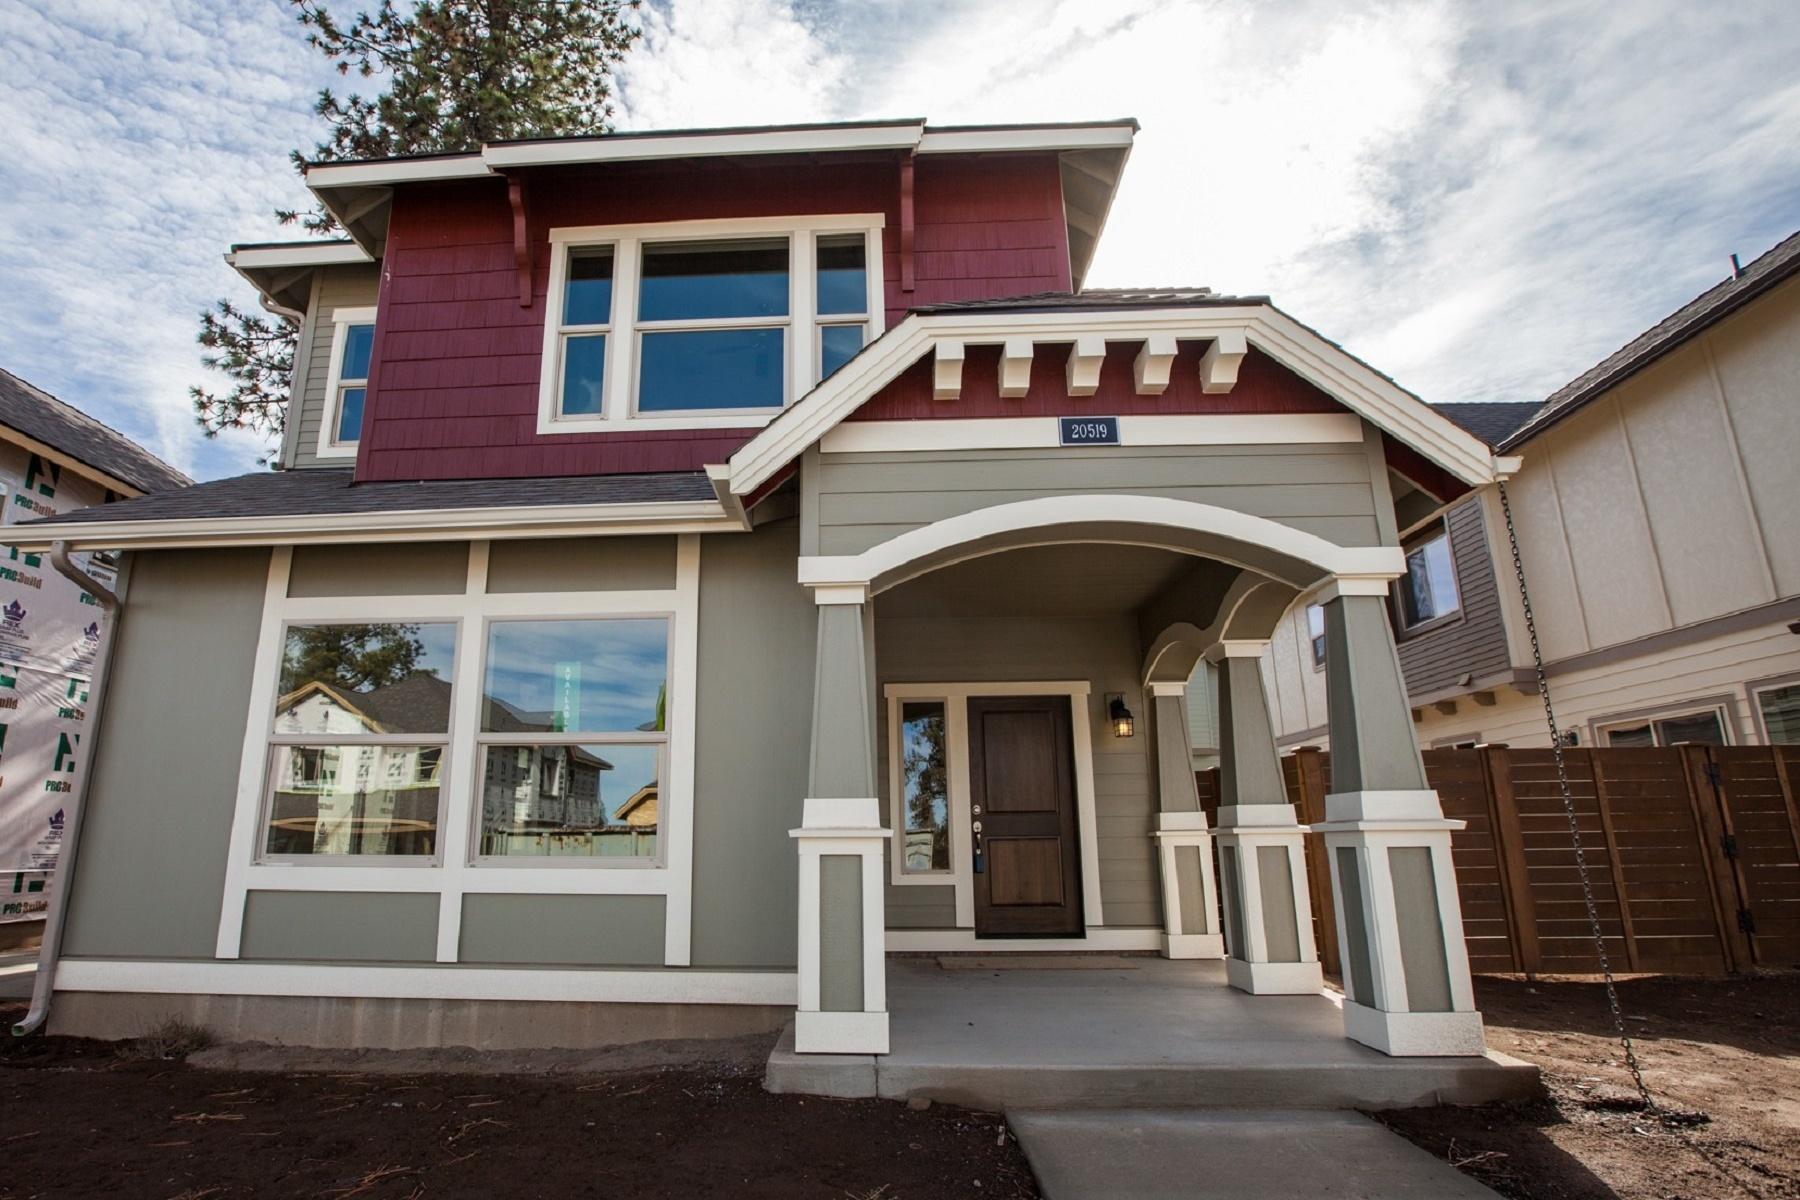 一戸建て のために 売買 アット 20519-Lot 15 Southeast Stanford Drive Bend, オレゴン, 97702 アメリカ合衆国